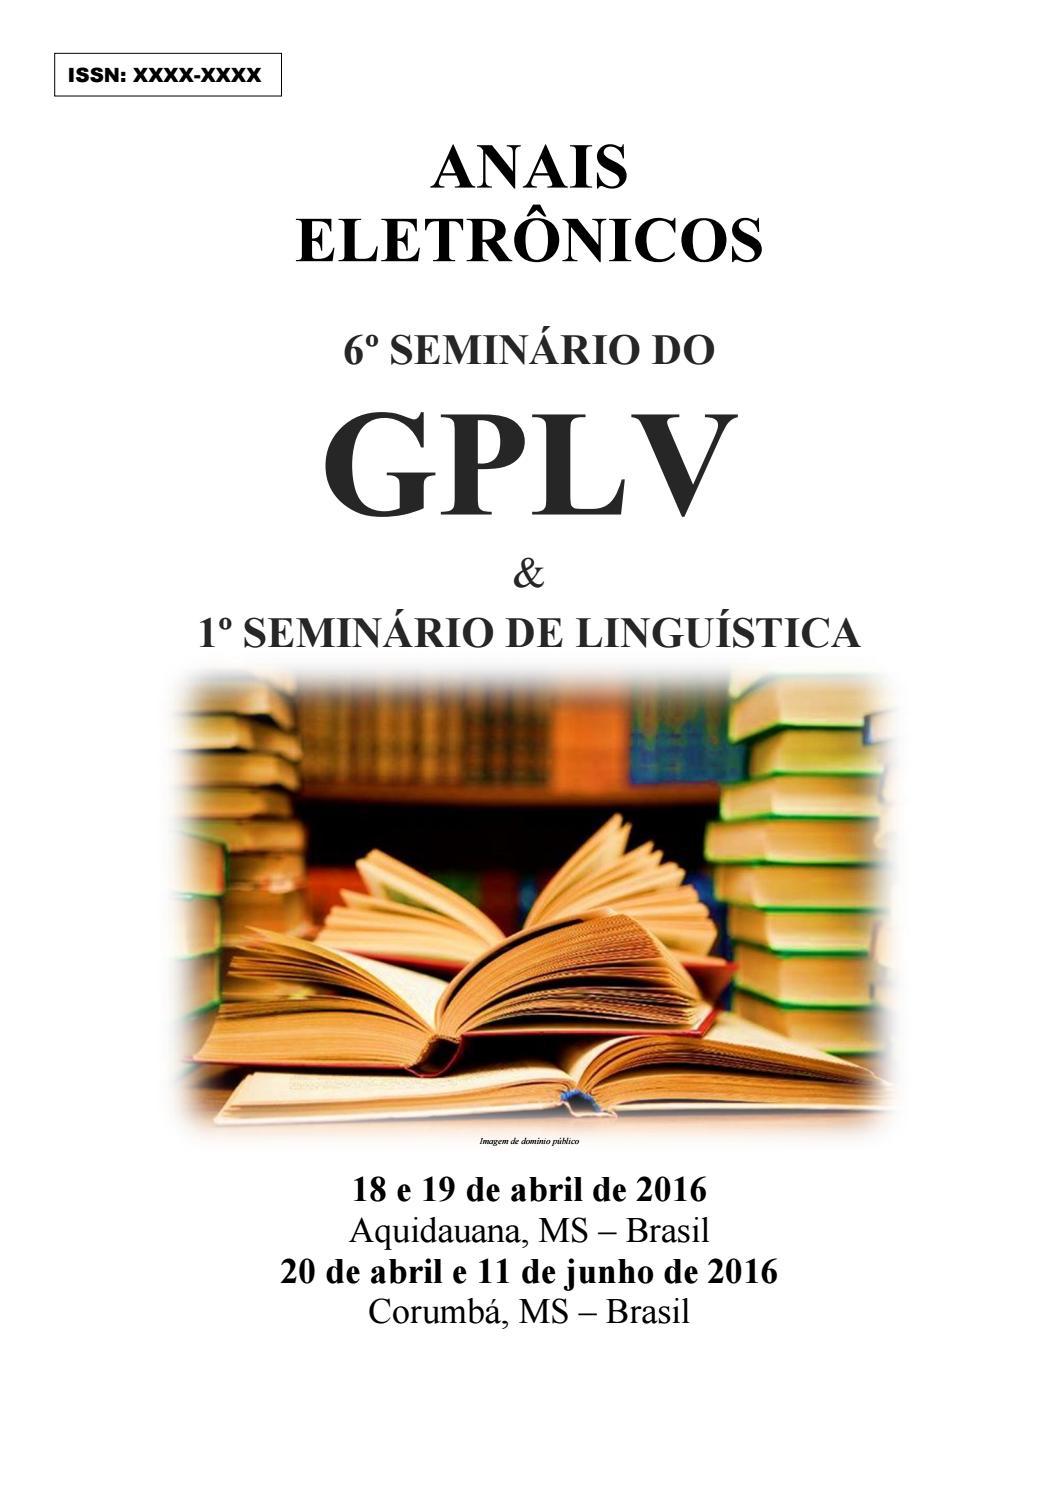 16121d41d9489 Anais 6o seminário gplv e 1º seminário de linguística 22a versão rr by GPLV  Grupo de Pesquisa Literatura e Vida - issuu